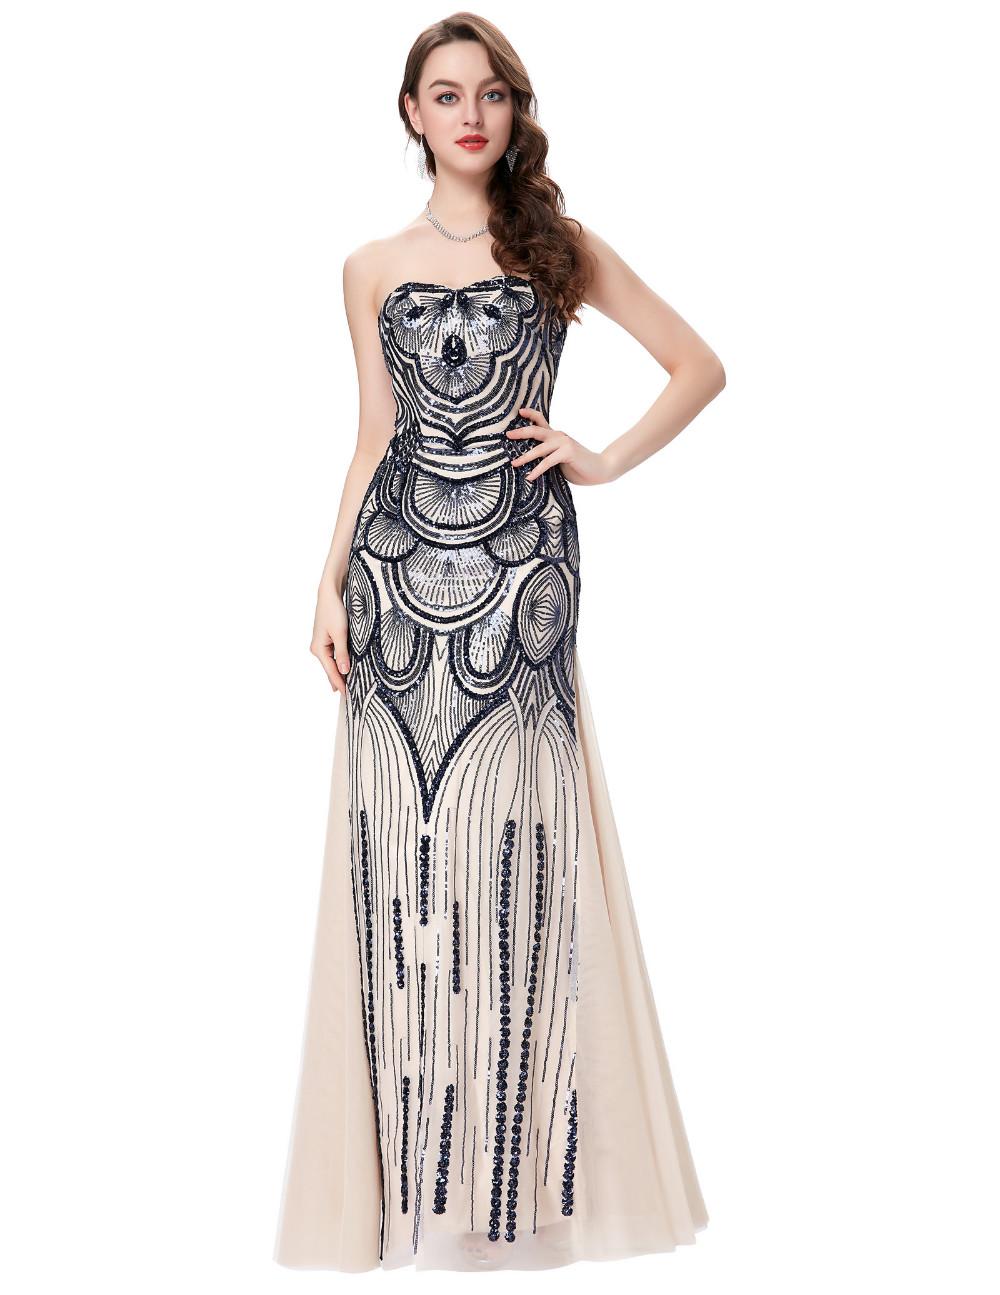 HTB1tBj1KFXXXXXqXVXXq6xXFXXXUStrapless Special Occasion Dress